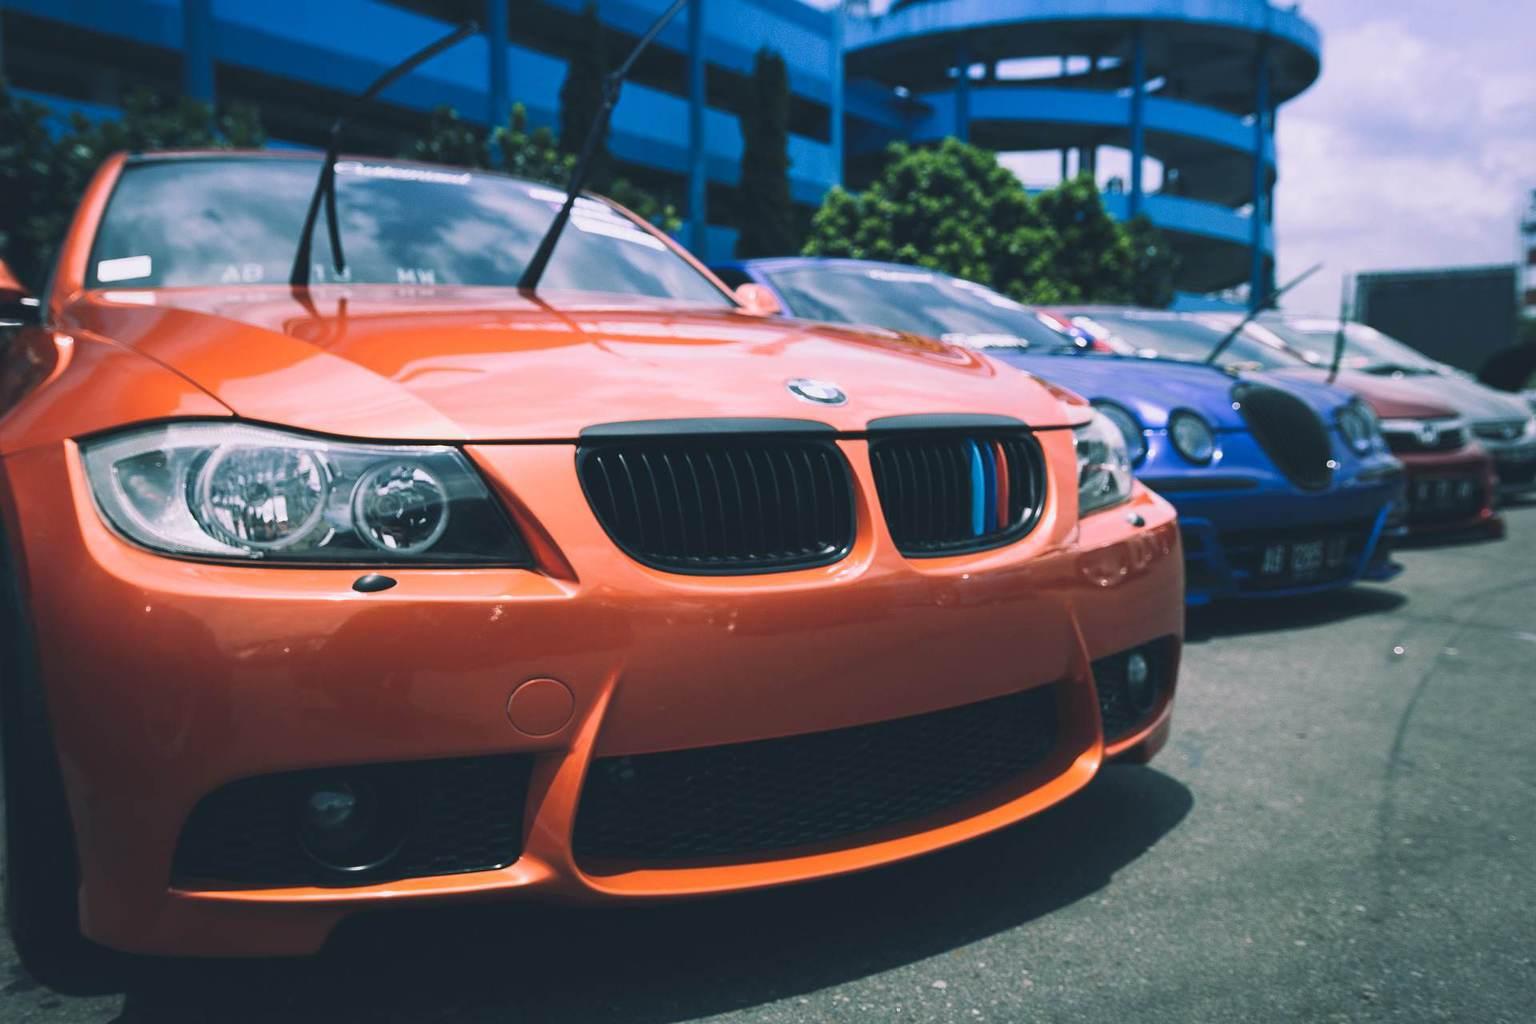 Właściciele BMW płacą za OC najwięcej. Porównanie cen ubezpieczenia dla najpopularniejszych marek<